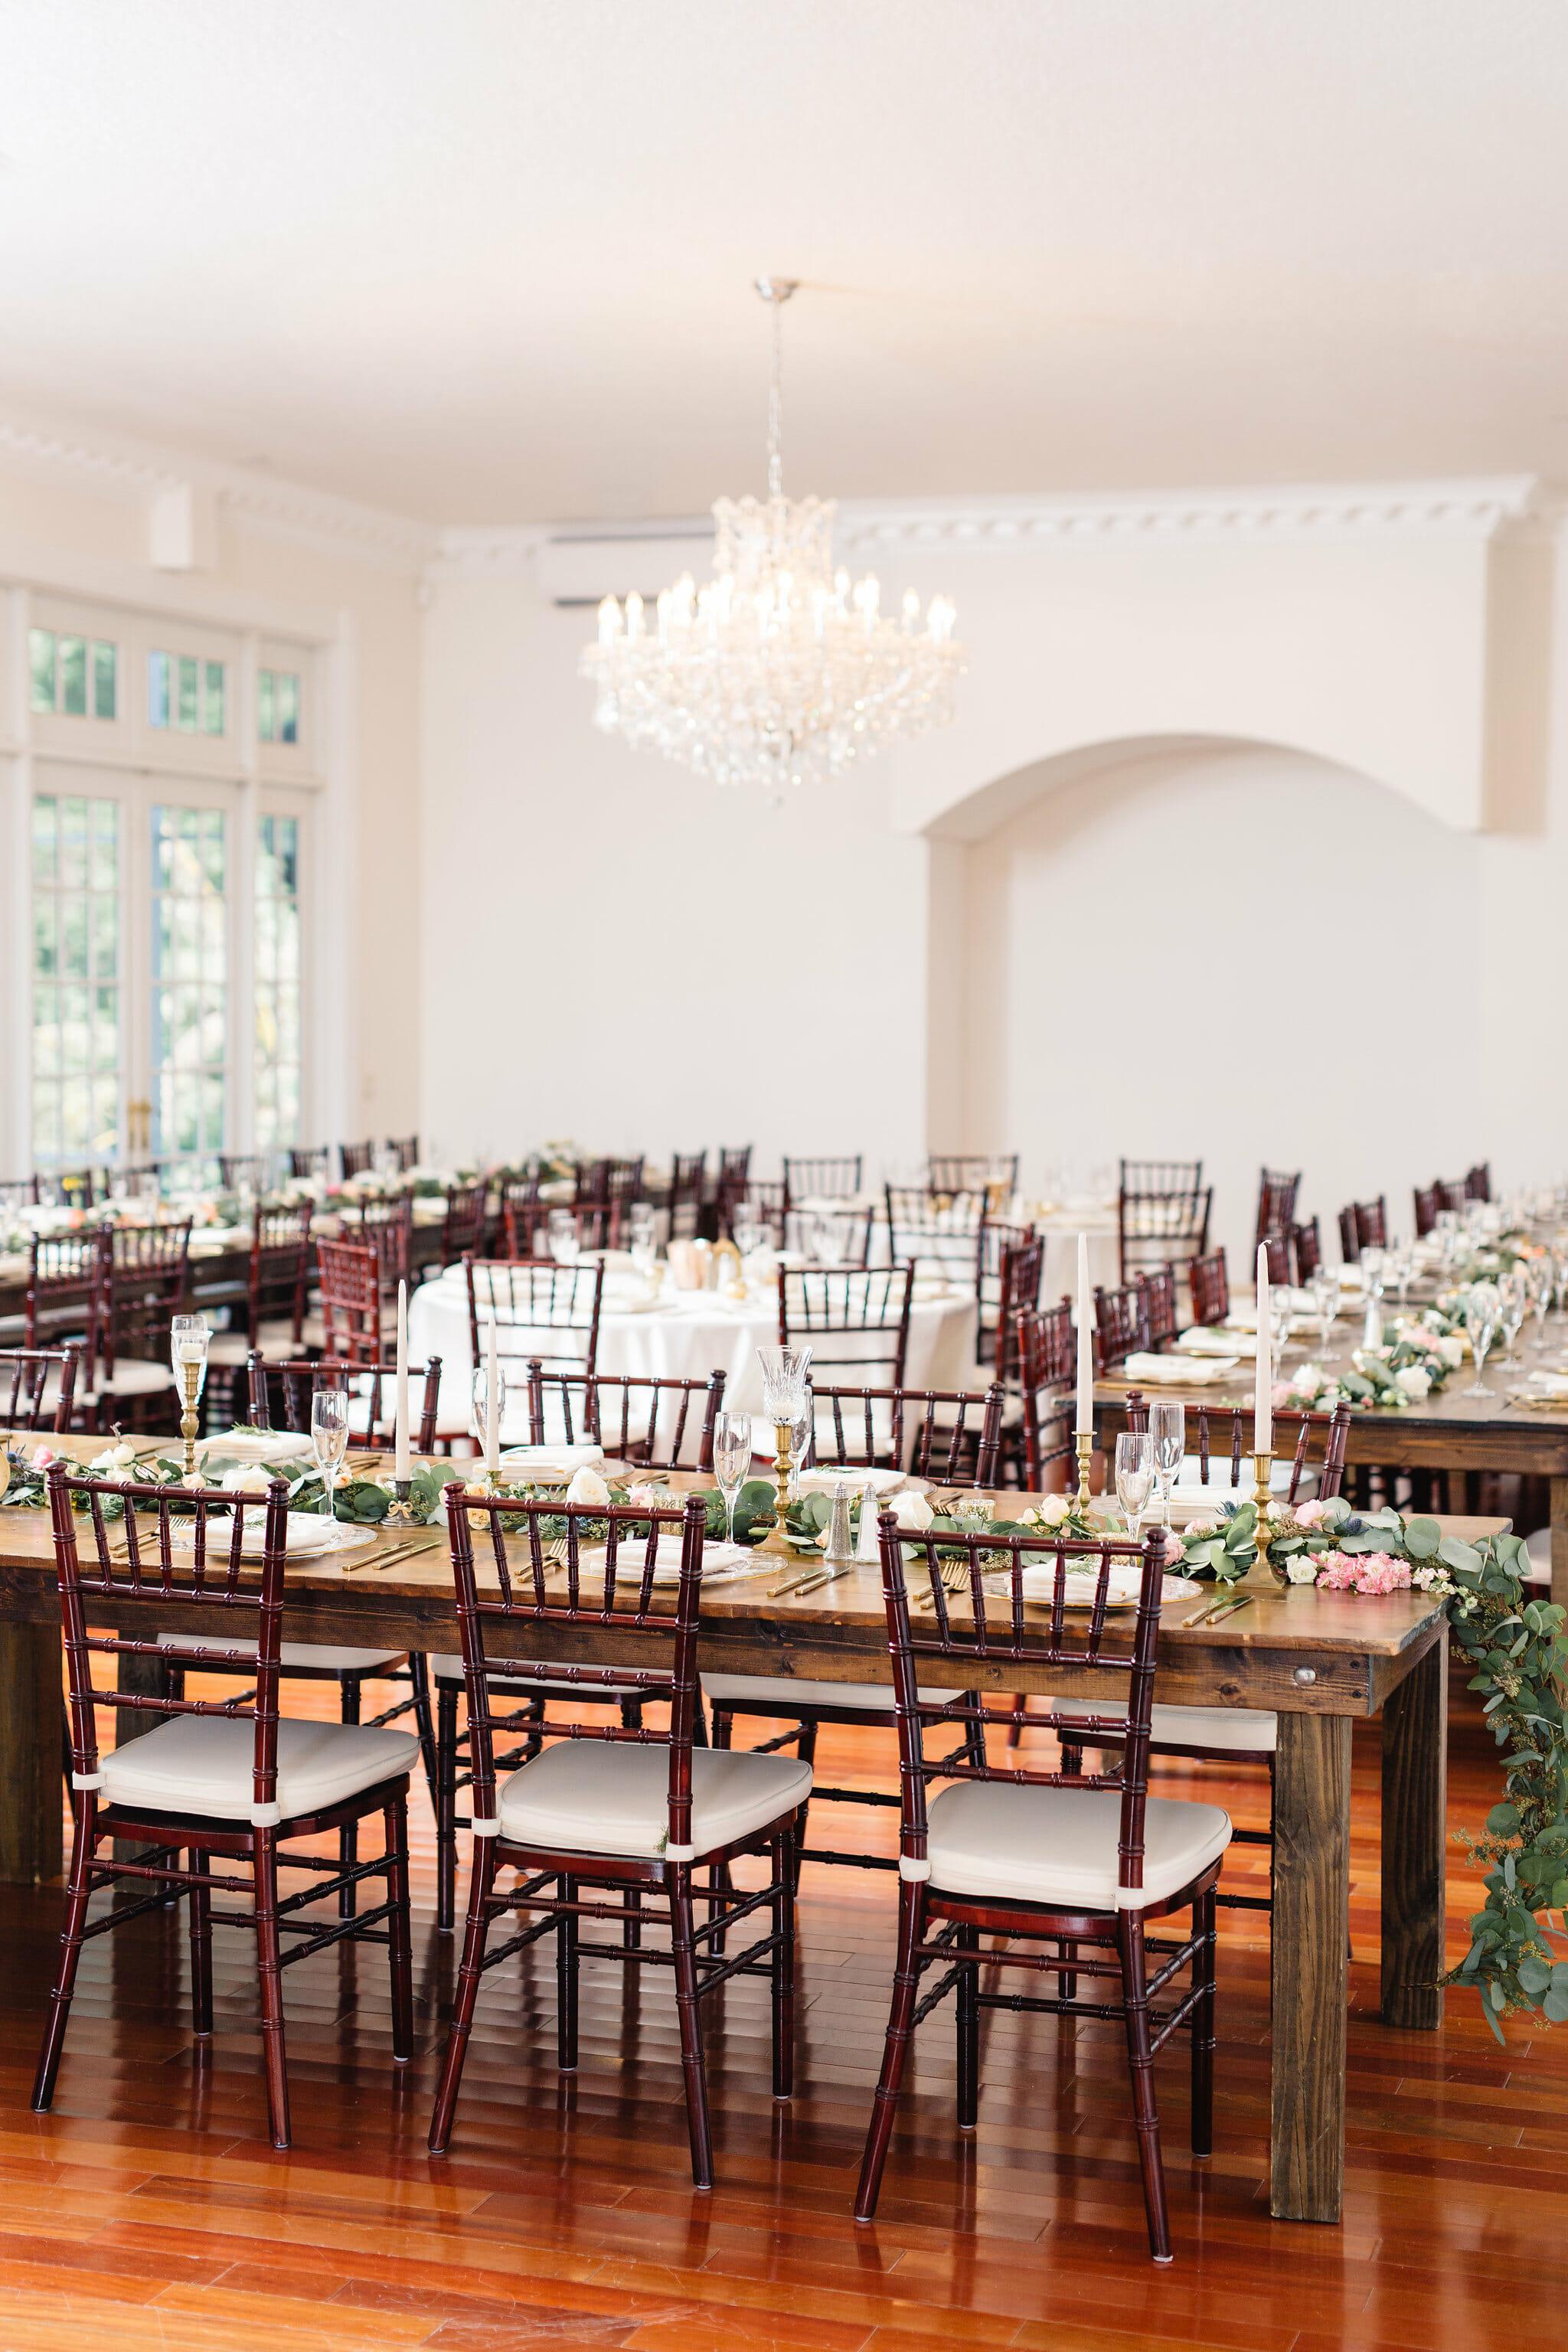 LuxmoreGrandeEstate_orlando_wedding_venue (2)